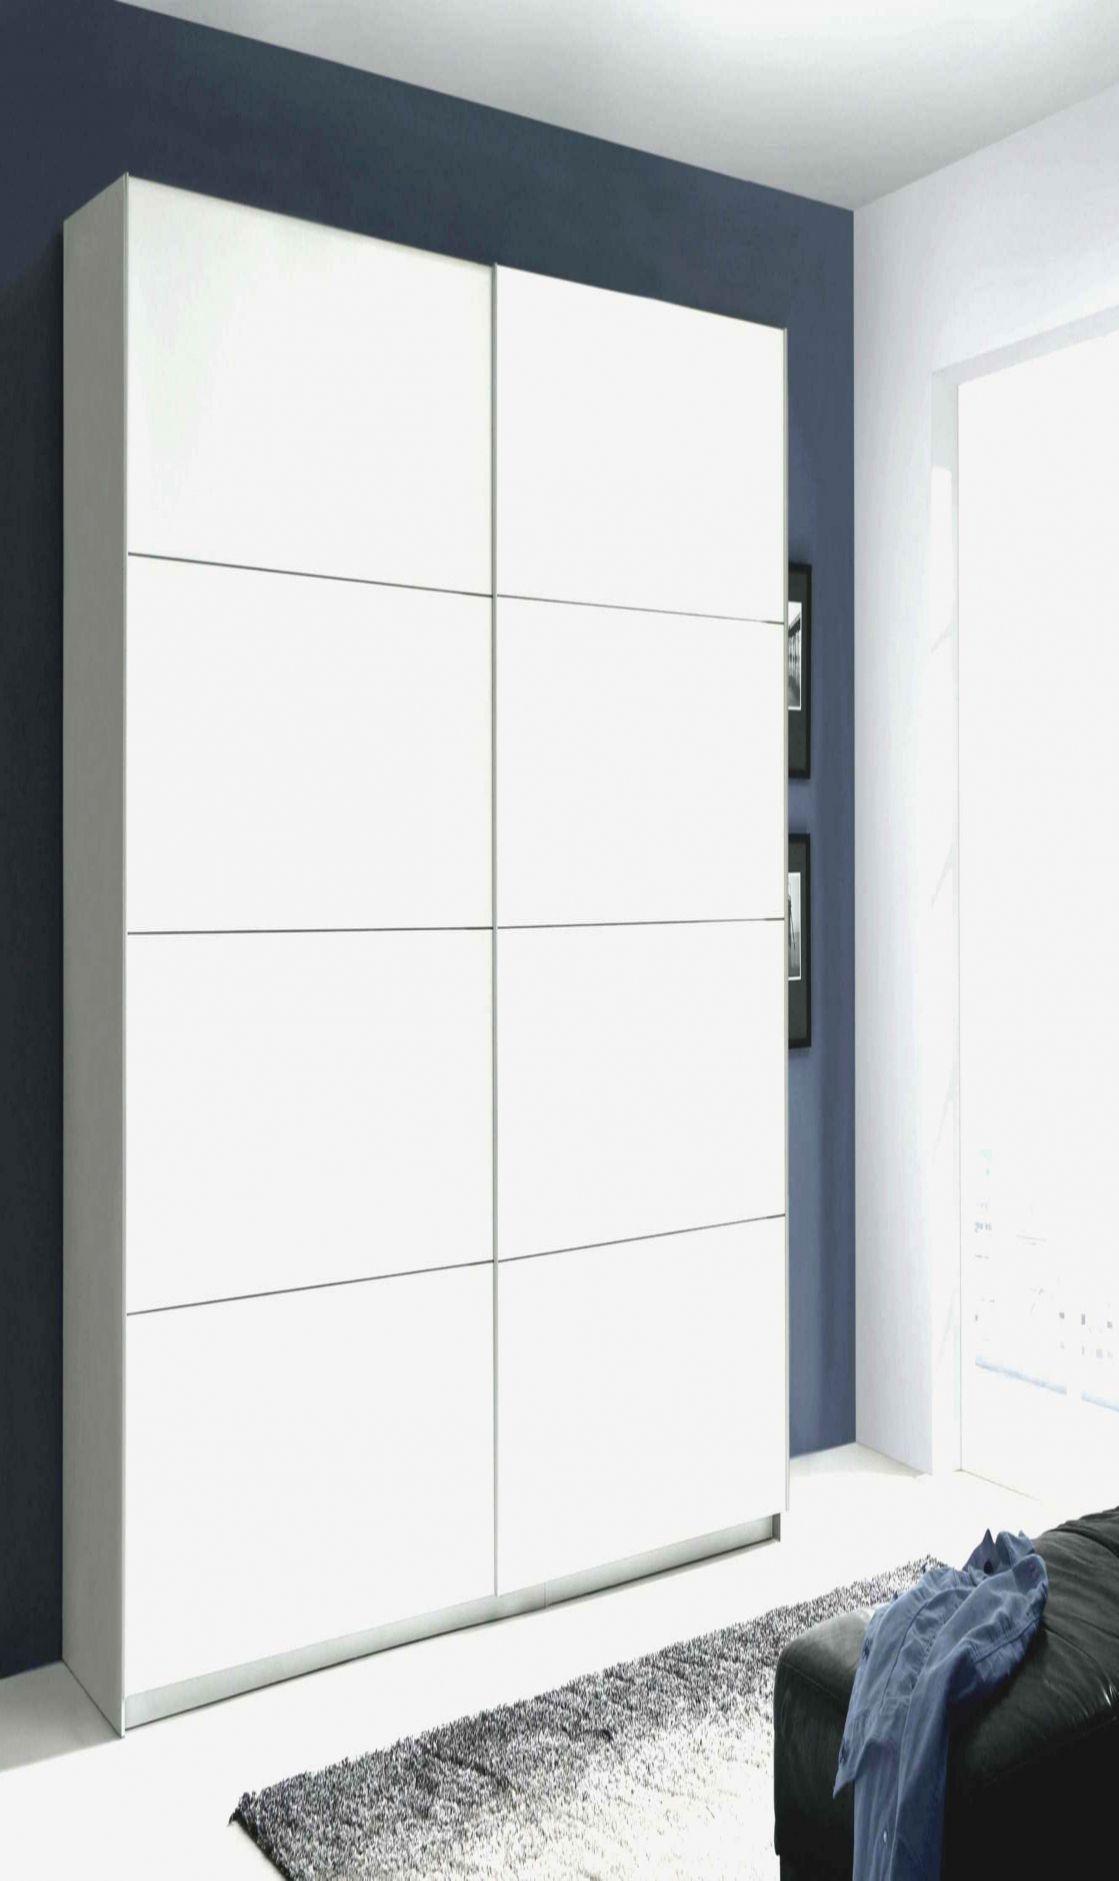 Ikea Schrank 3 Turig Mit Spiegel In 2020 Ikea Schlafzimmer Schrank Diy Mobel Schlafzimmer Trennen Zimmer